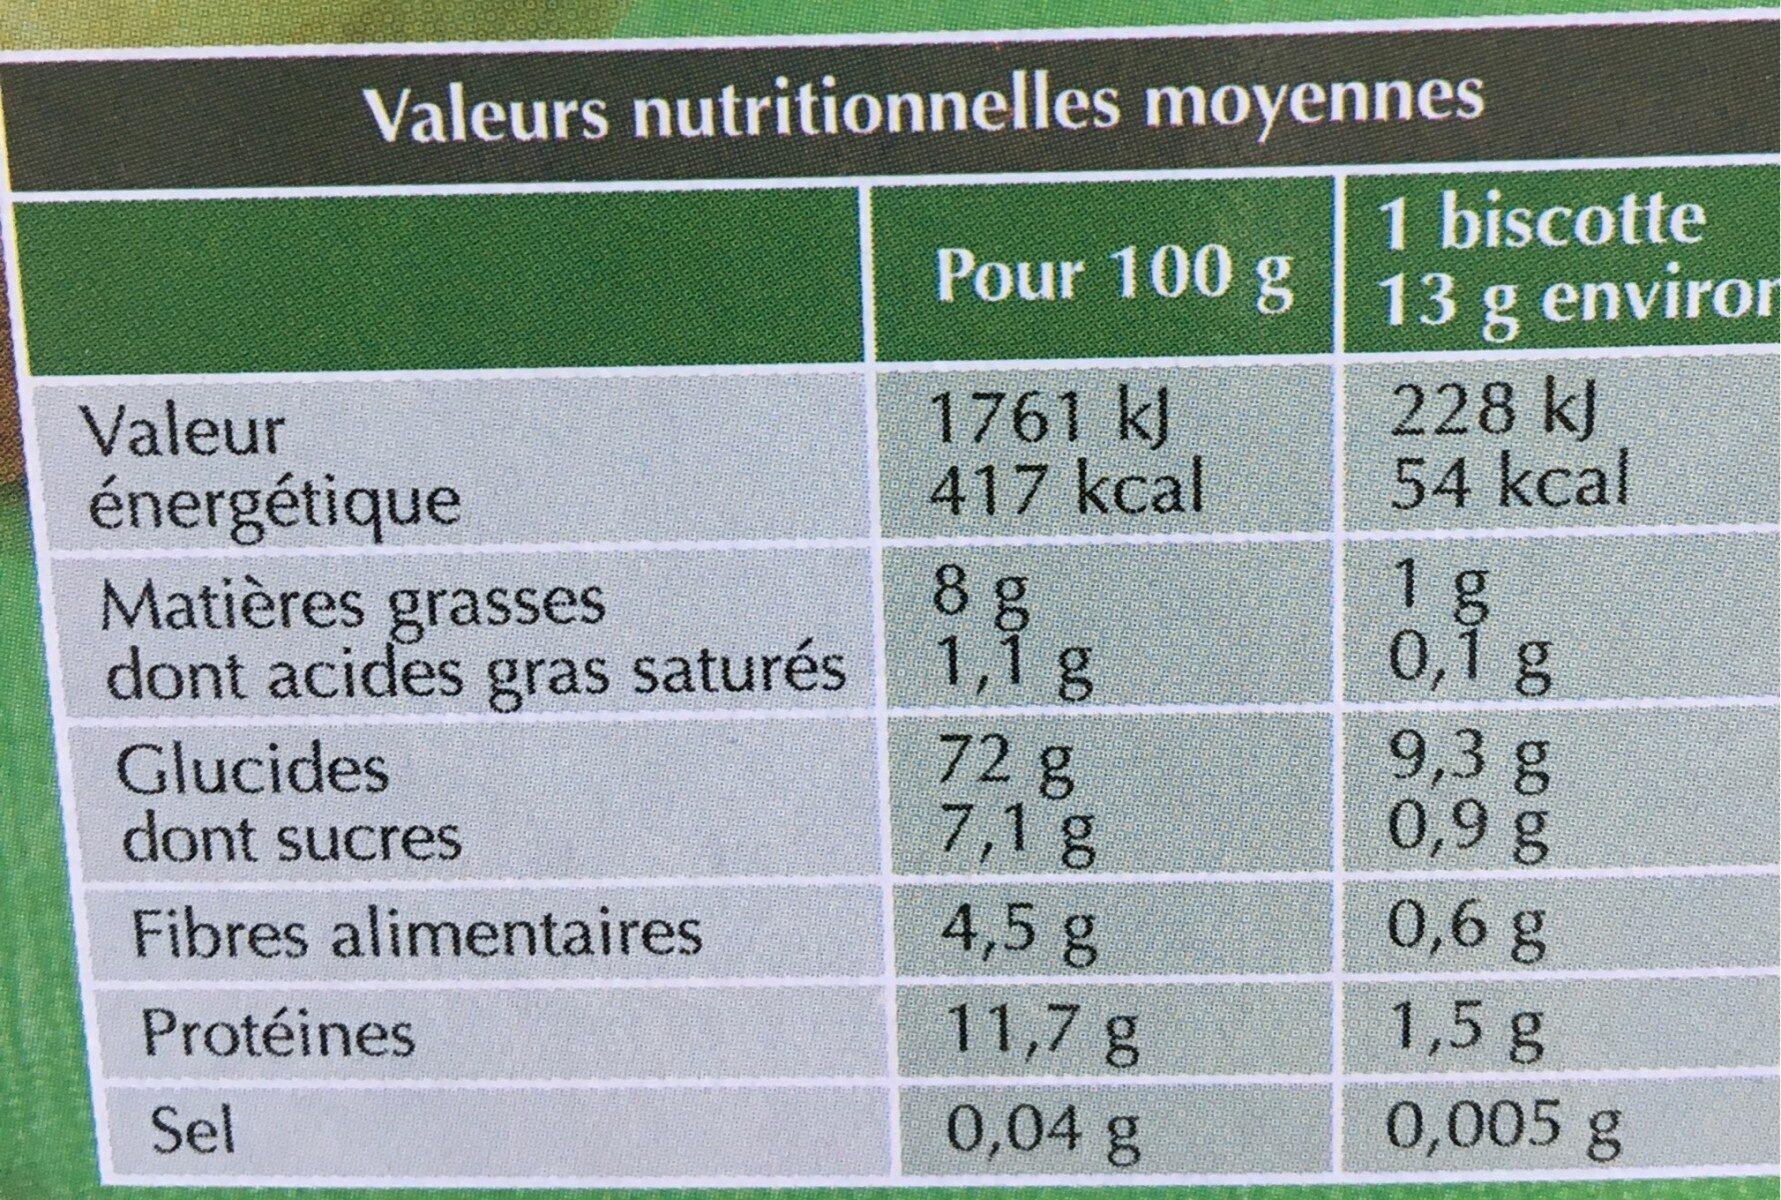 Biscotte Aixoise très pauvre en sel - Informations nutritionnelles - fr